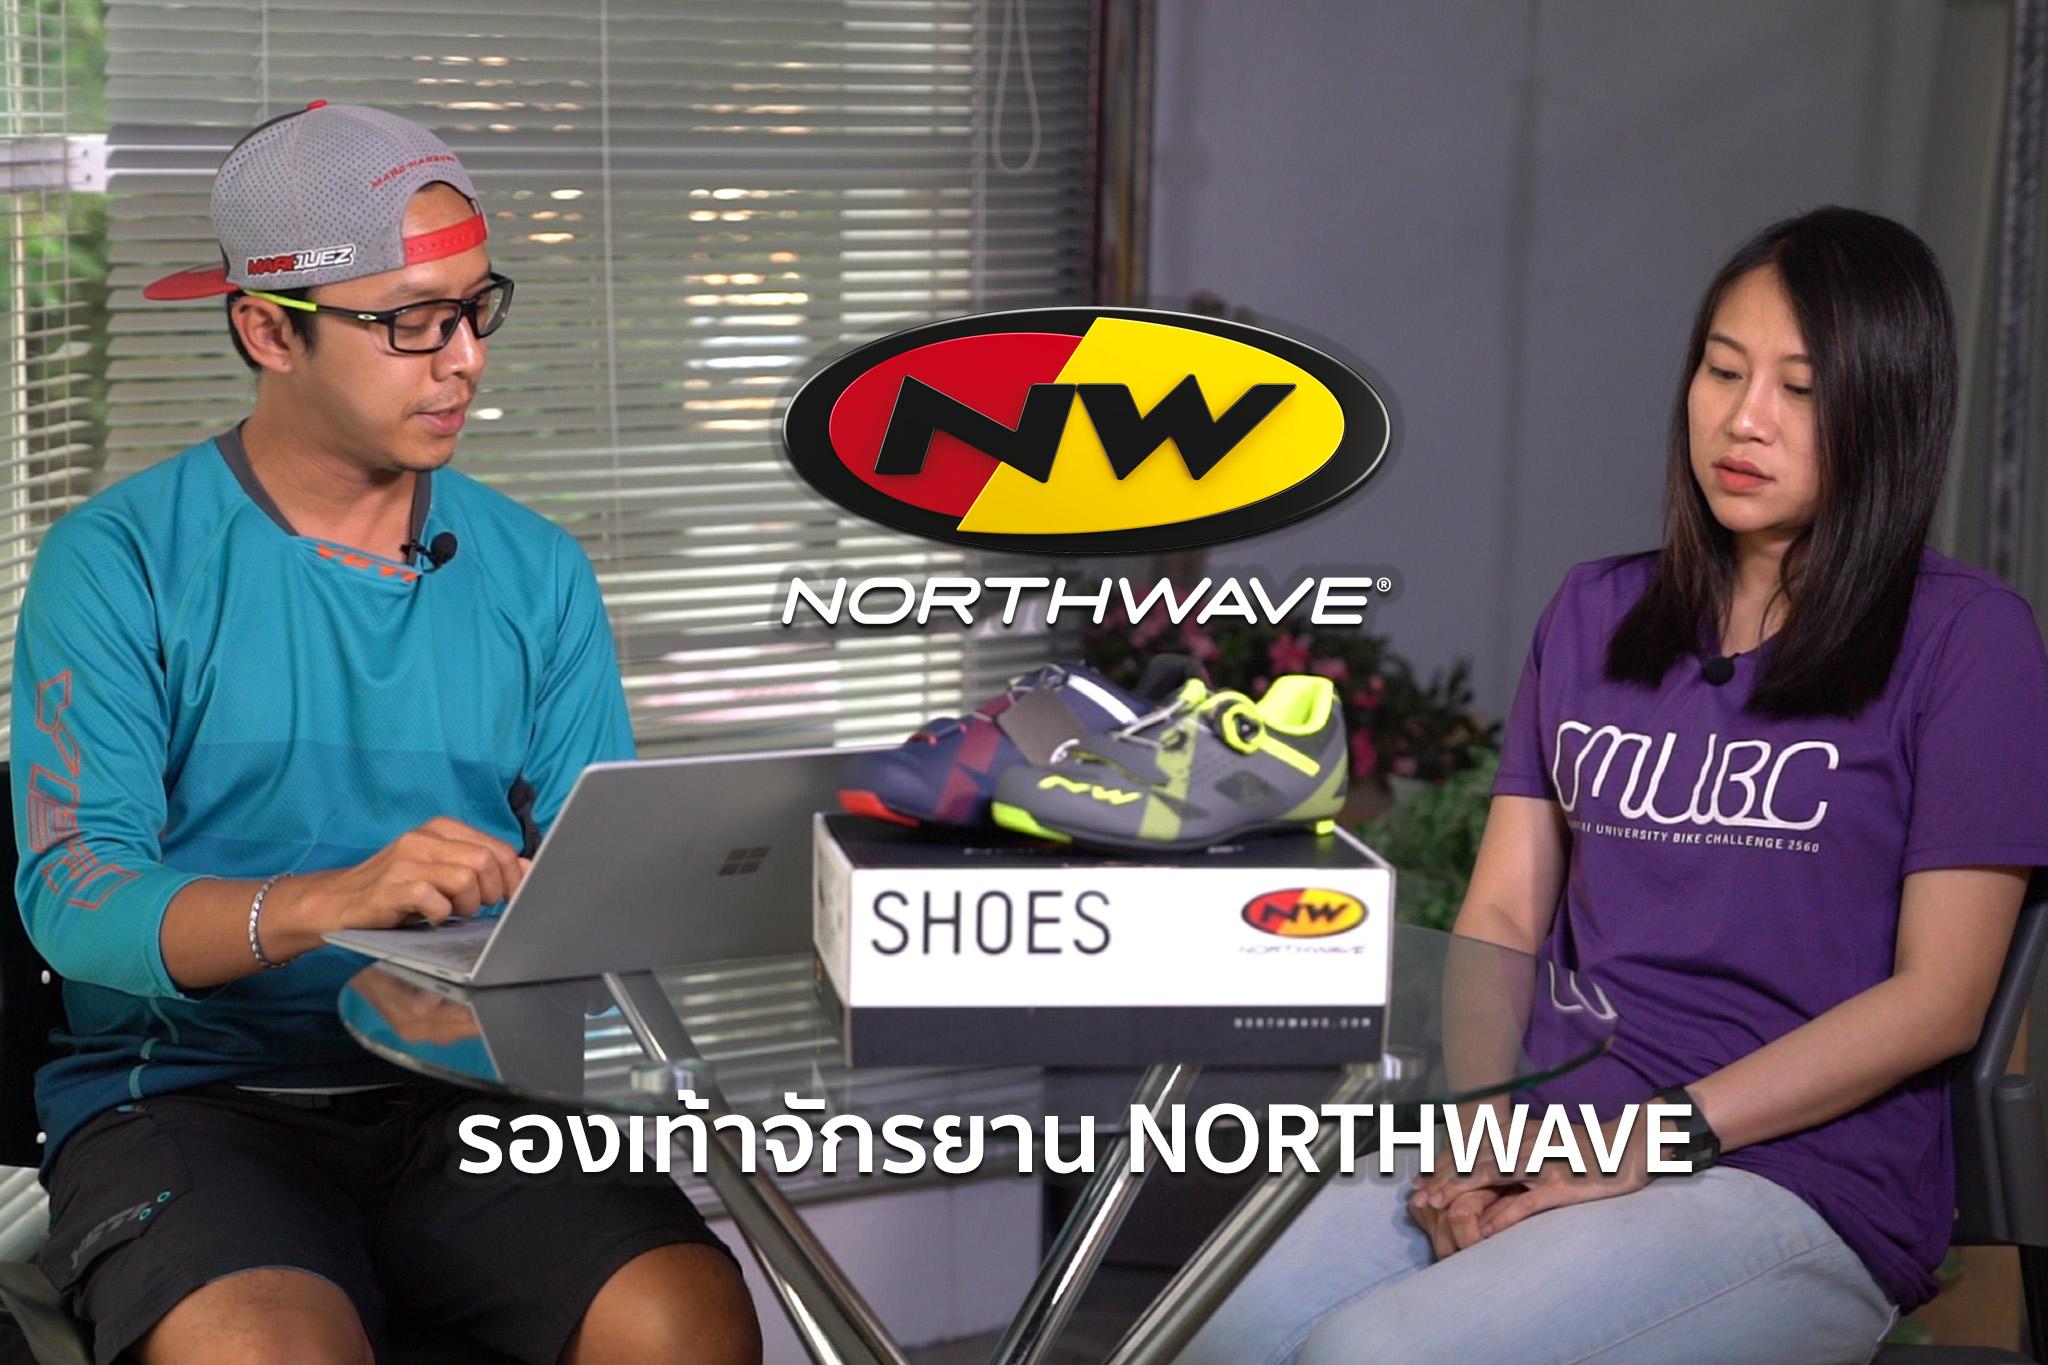 รองเท้าจักรยาน NORTHWAVE สร้างด้วยคุณภาพ